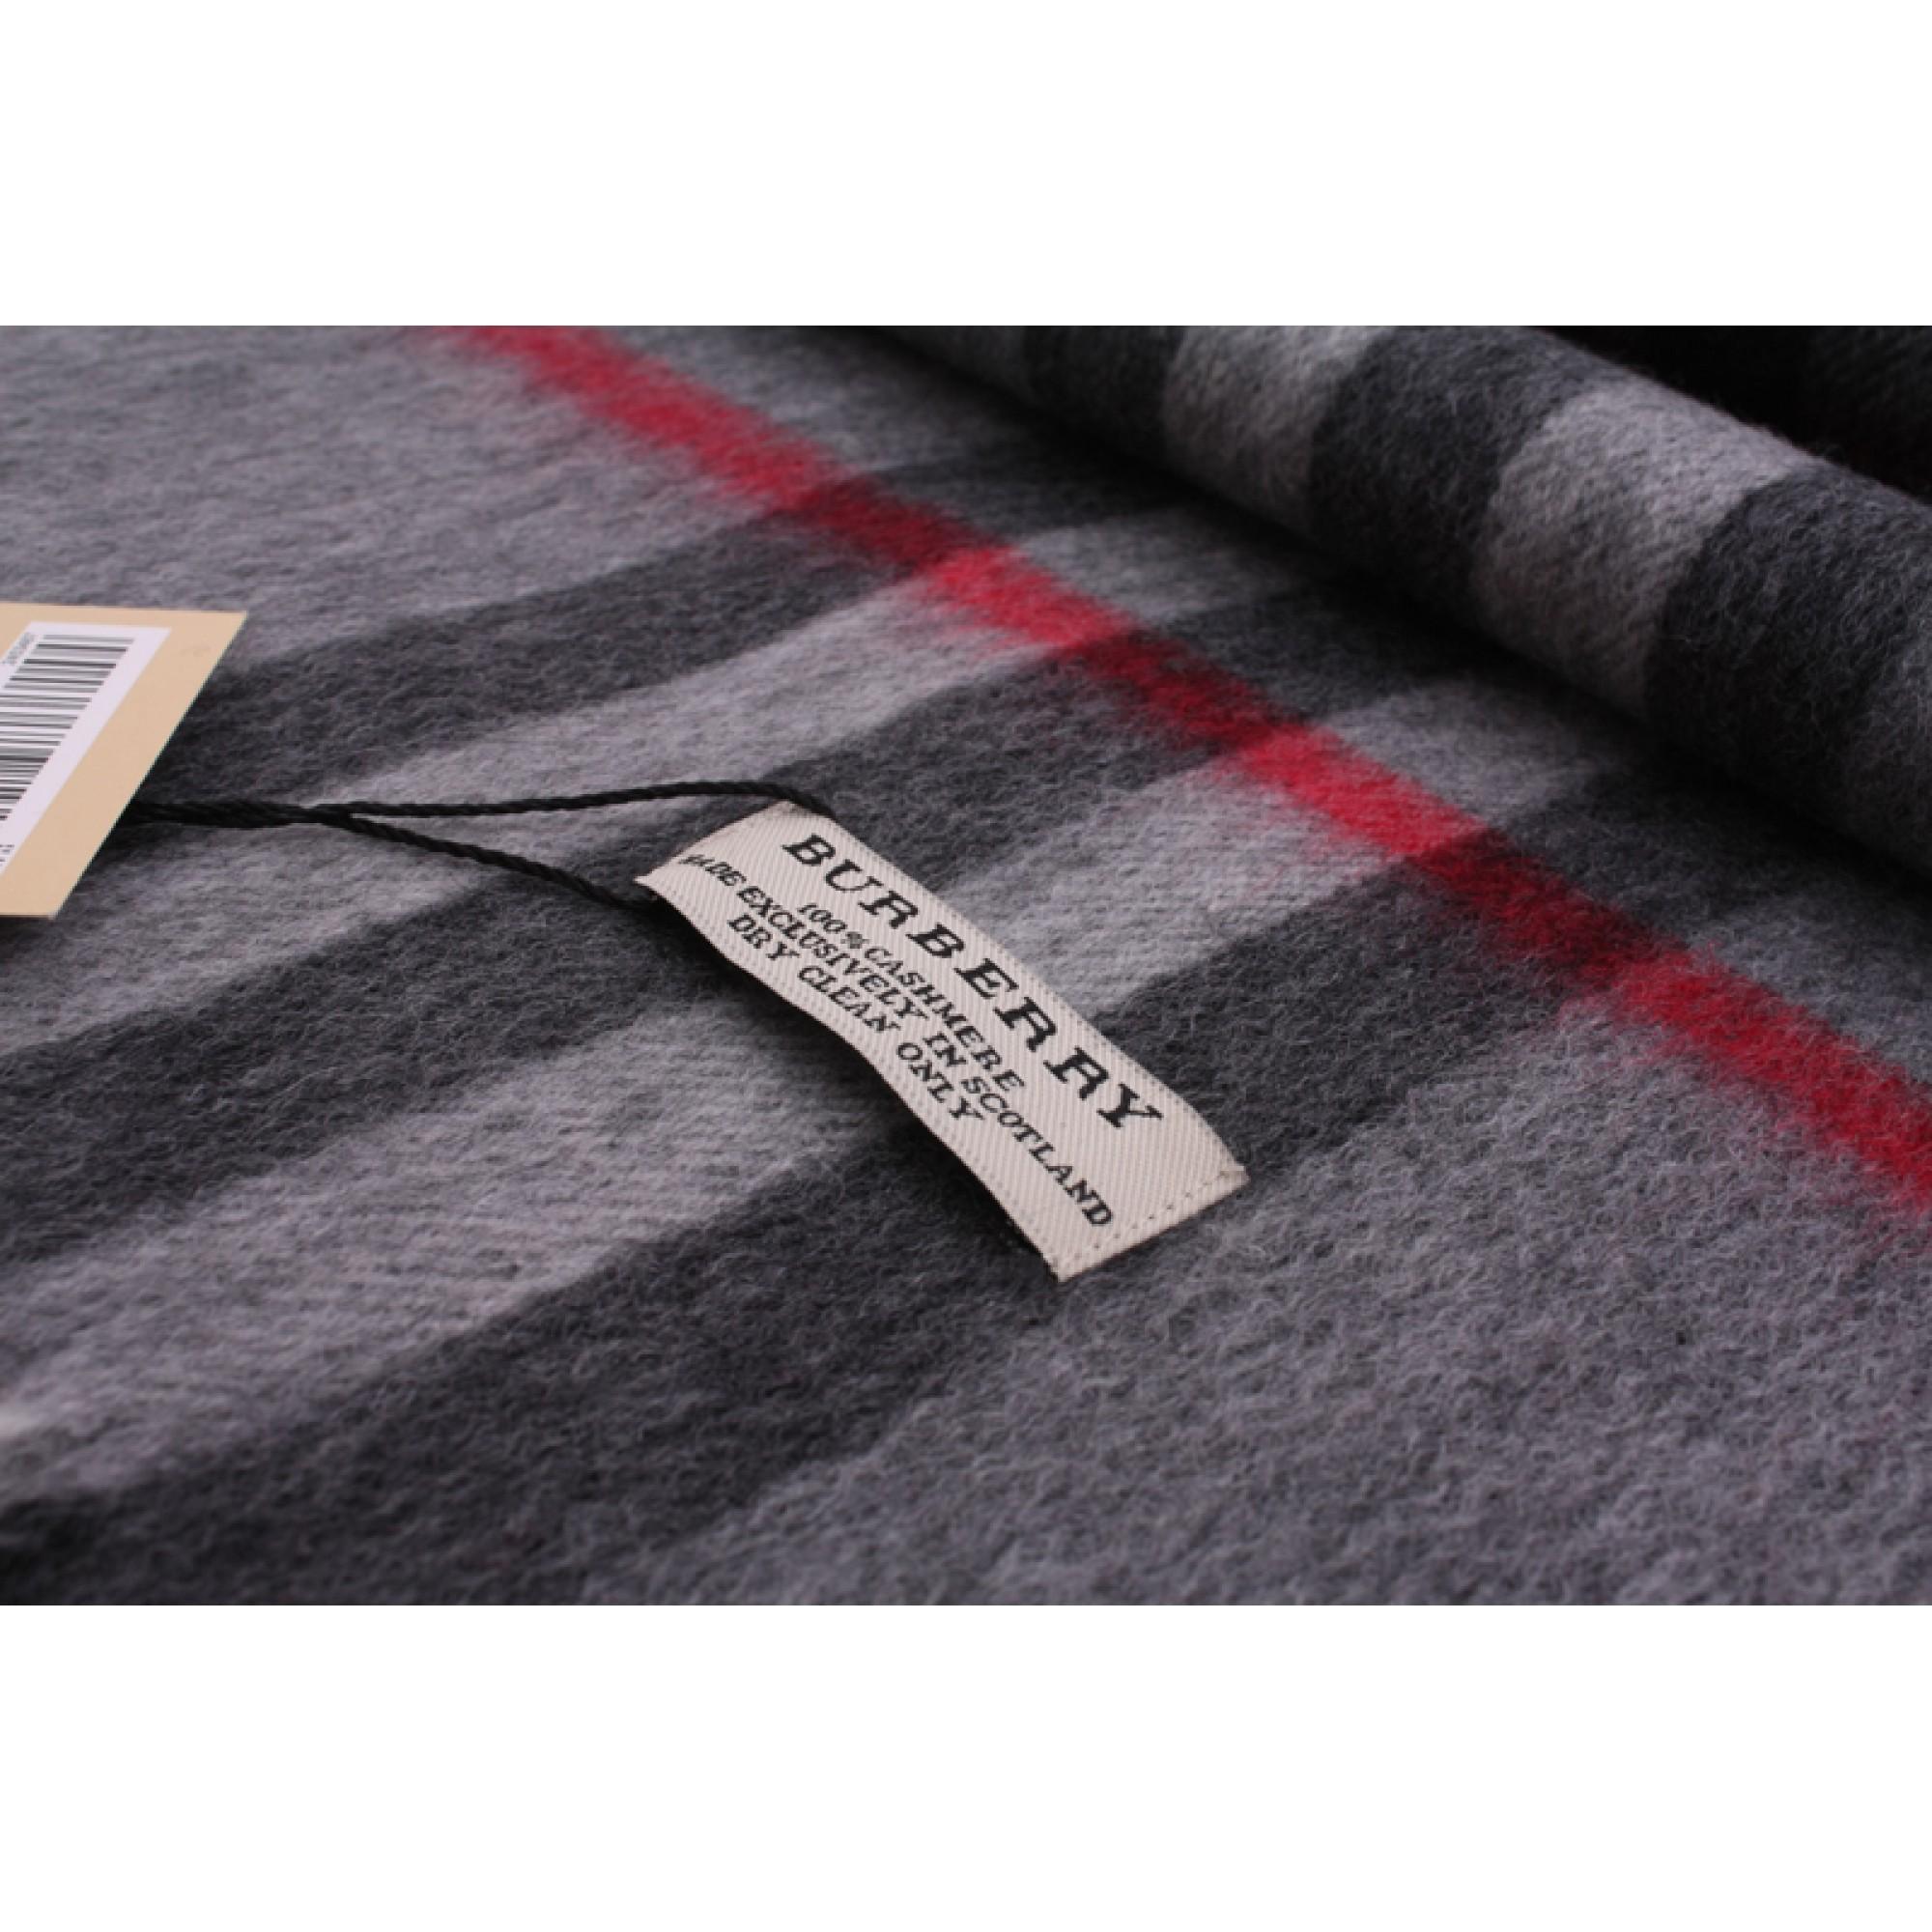 247c5fb76c69 Купить темный кашемировый шарф Burberry — в Киеве, код товара 7777